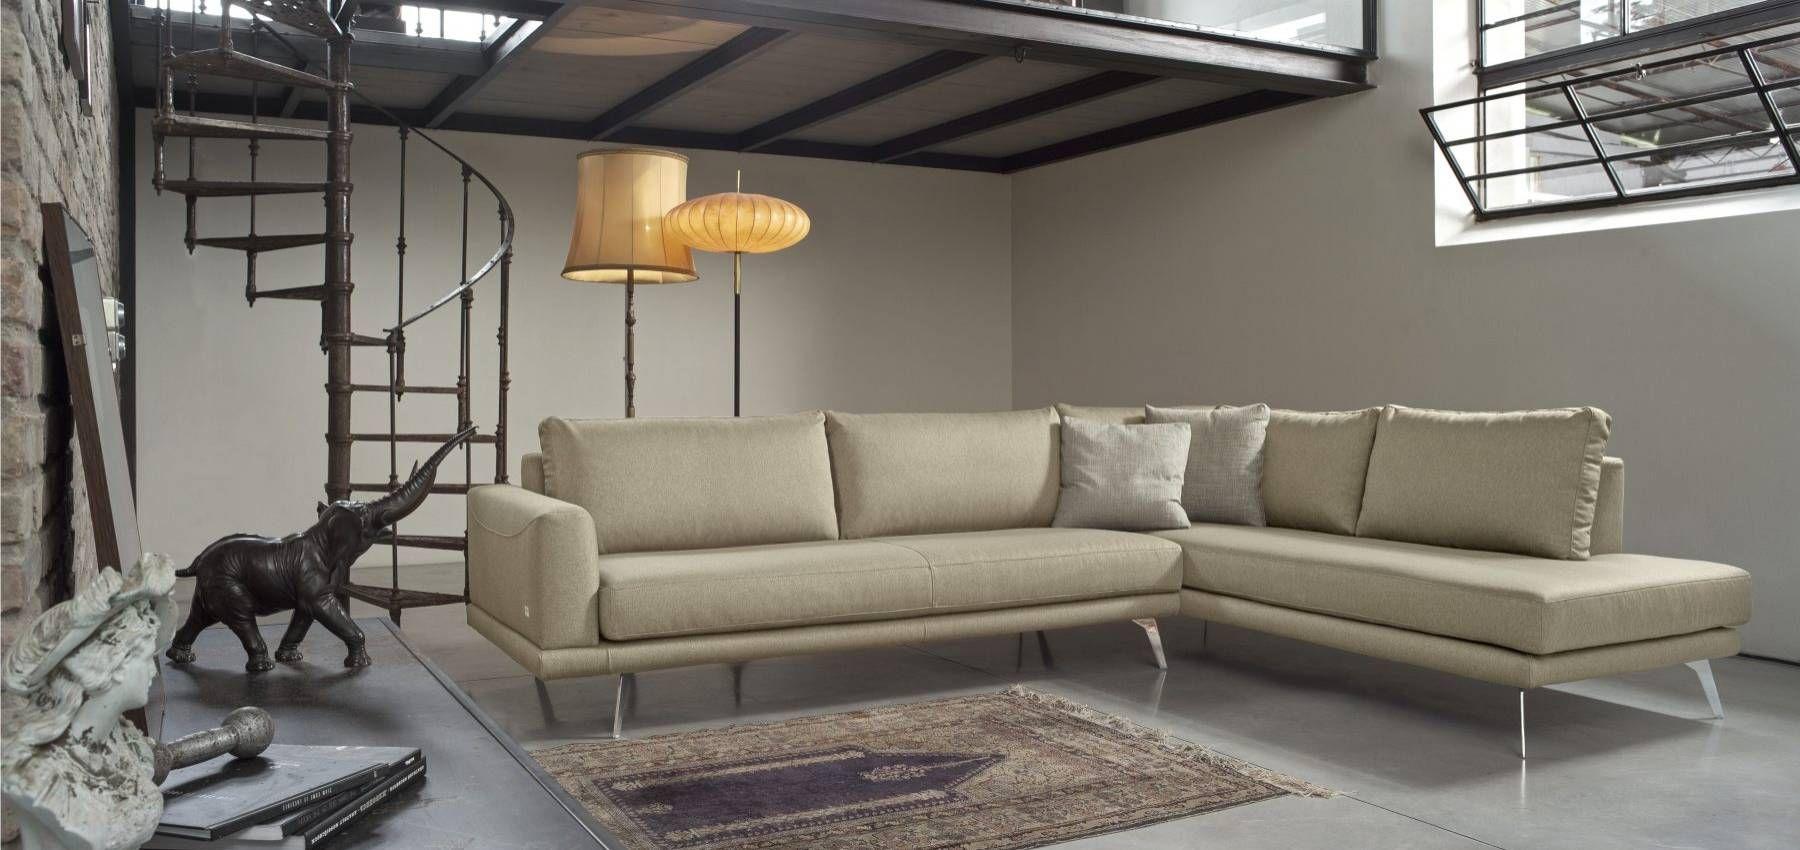 Rinnovare Divano In Tessuto rivestire un divano in tessuto